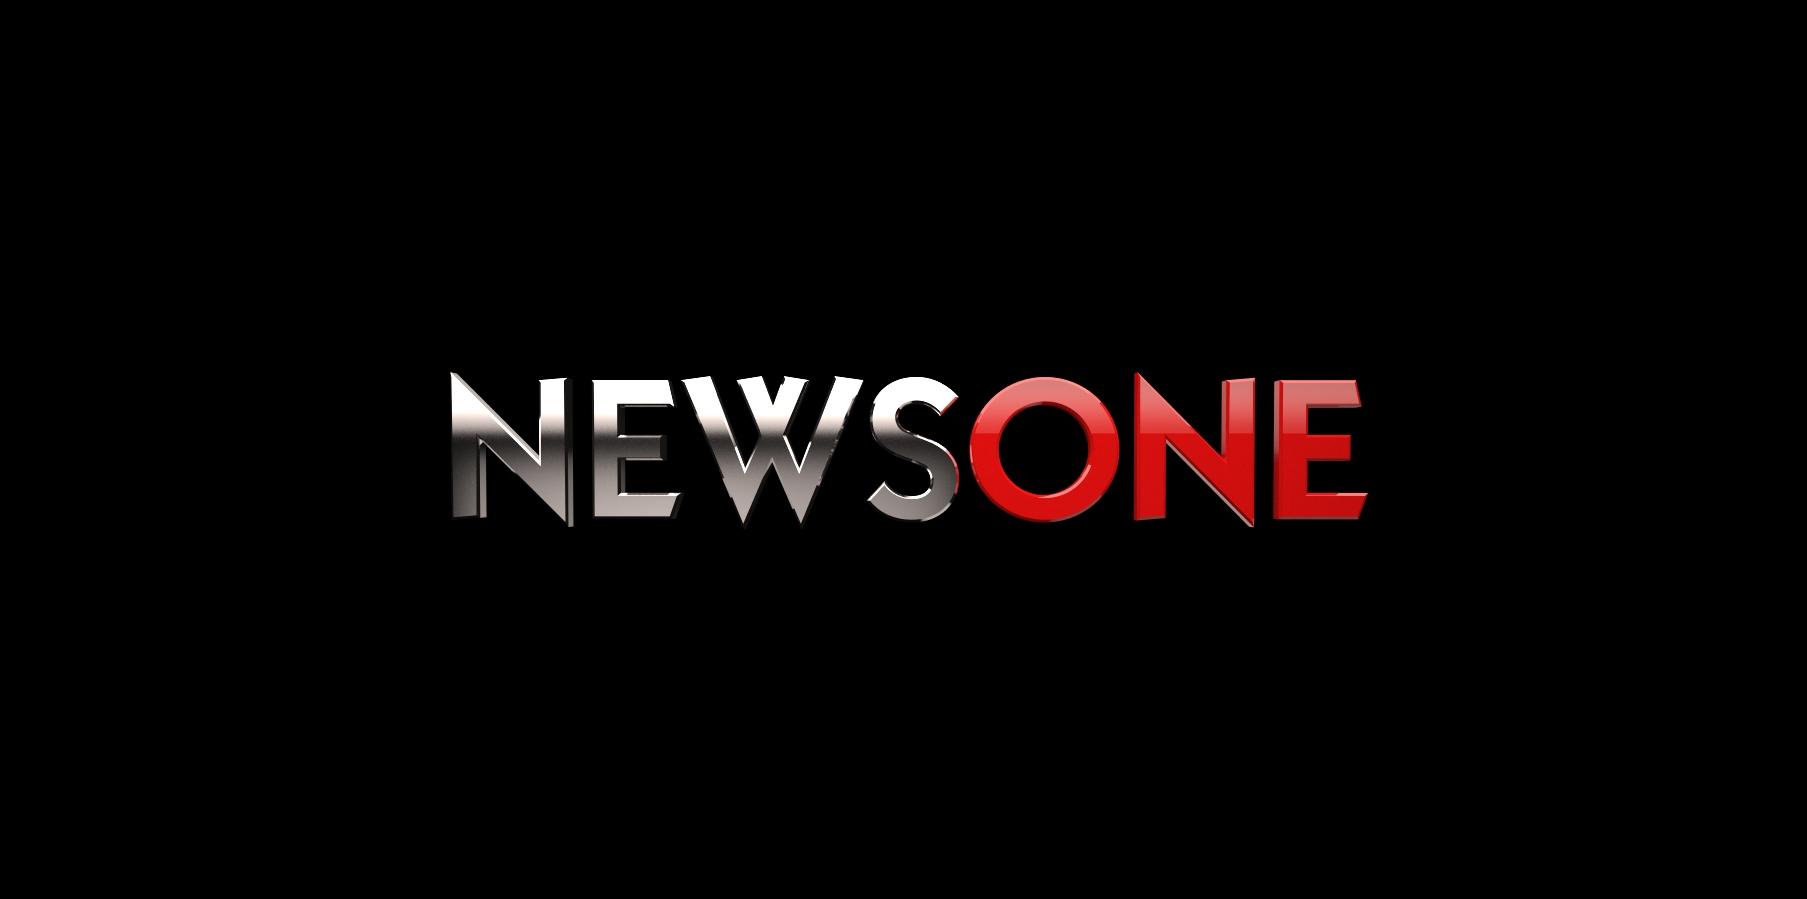 NewsOne теж спростовує купівлю чи фінансування себе Коломойським